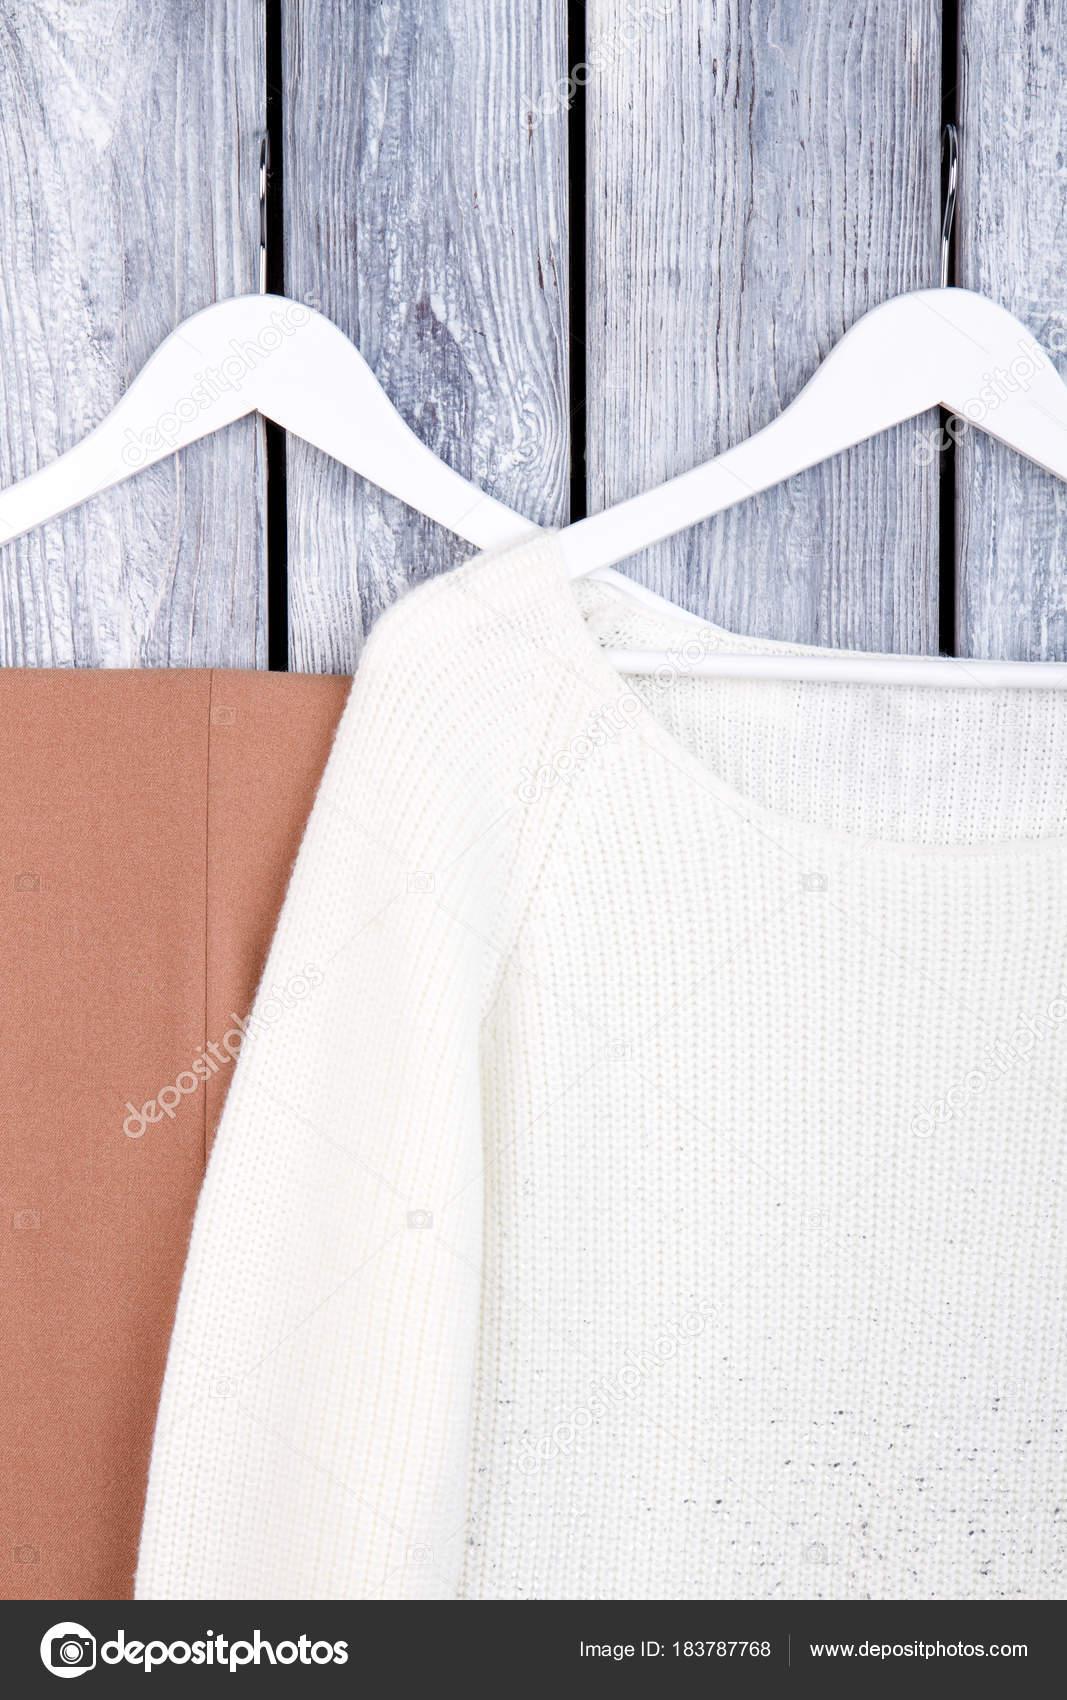 Frauenkleidung hängen weiße Kleiderbügel — Stockfoto © Denisfilm ...